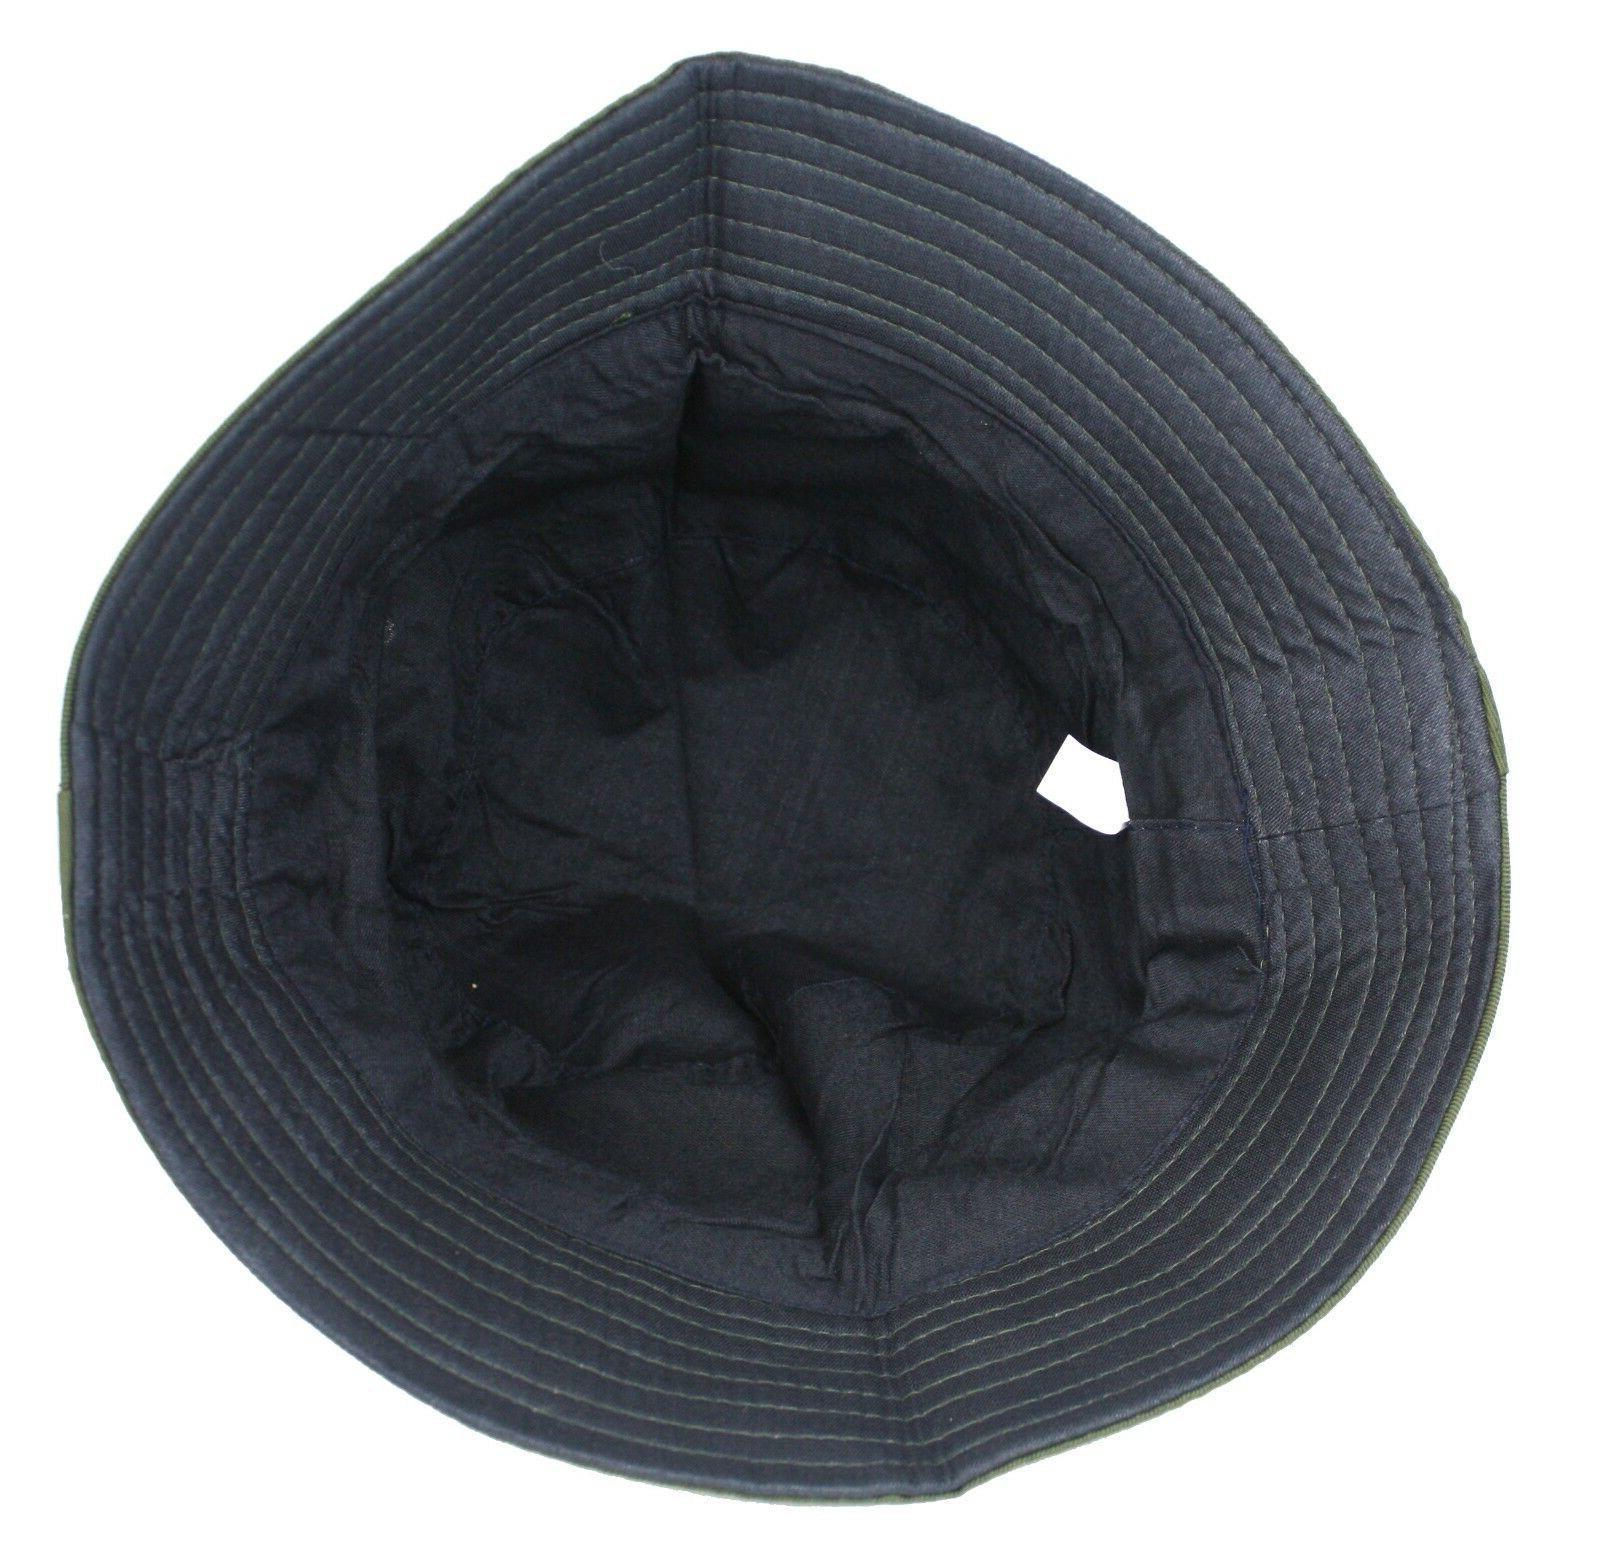 Cotton Bucket Cap Sport Visor Sun Summer Men Women